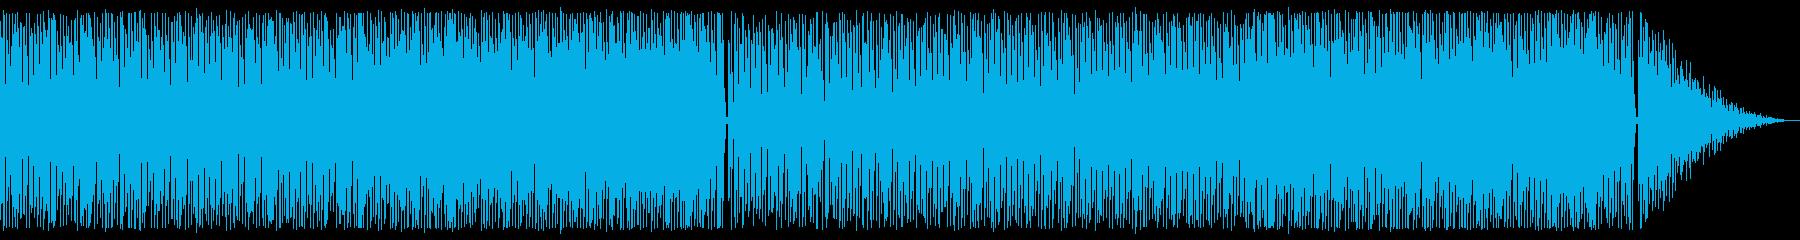 レトロ/エレクトロ_No455_1の再生済みの波形